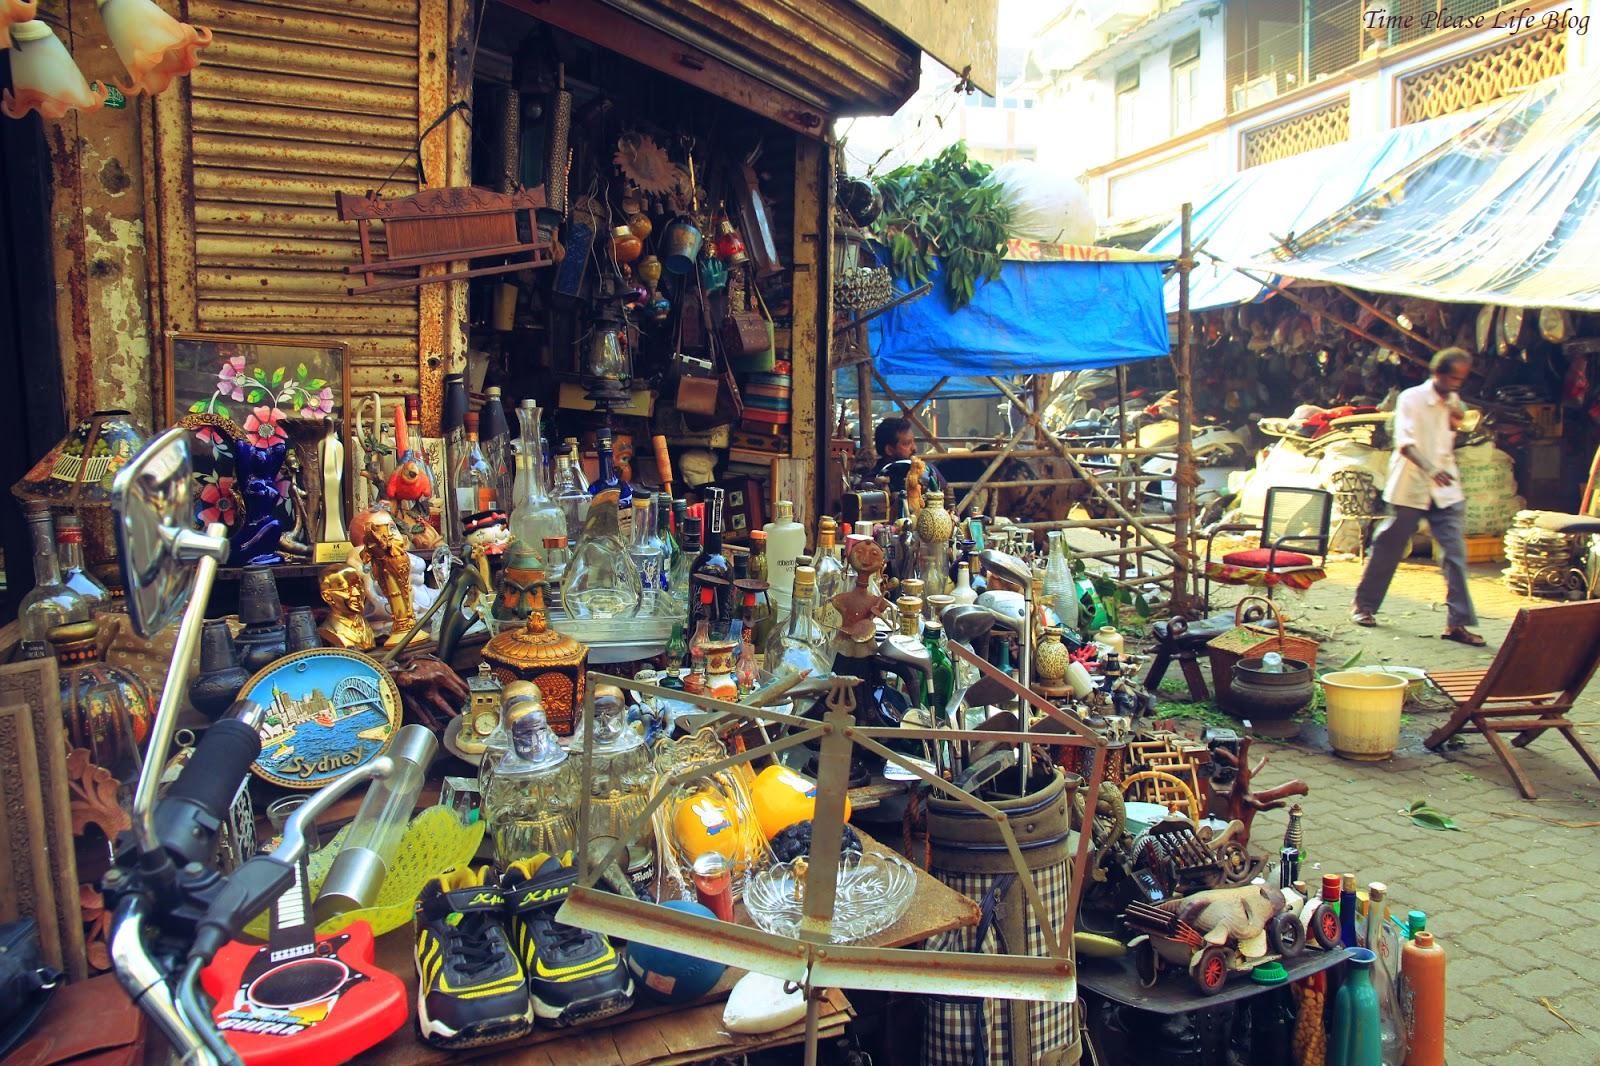 chor bazaar - photo #32